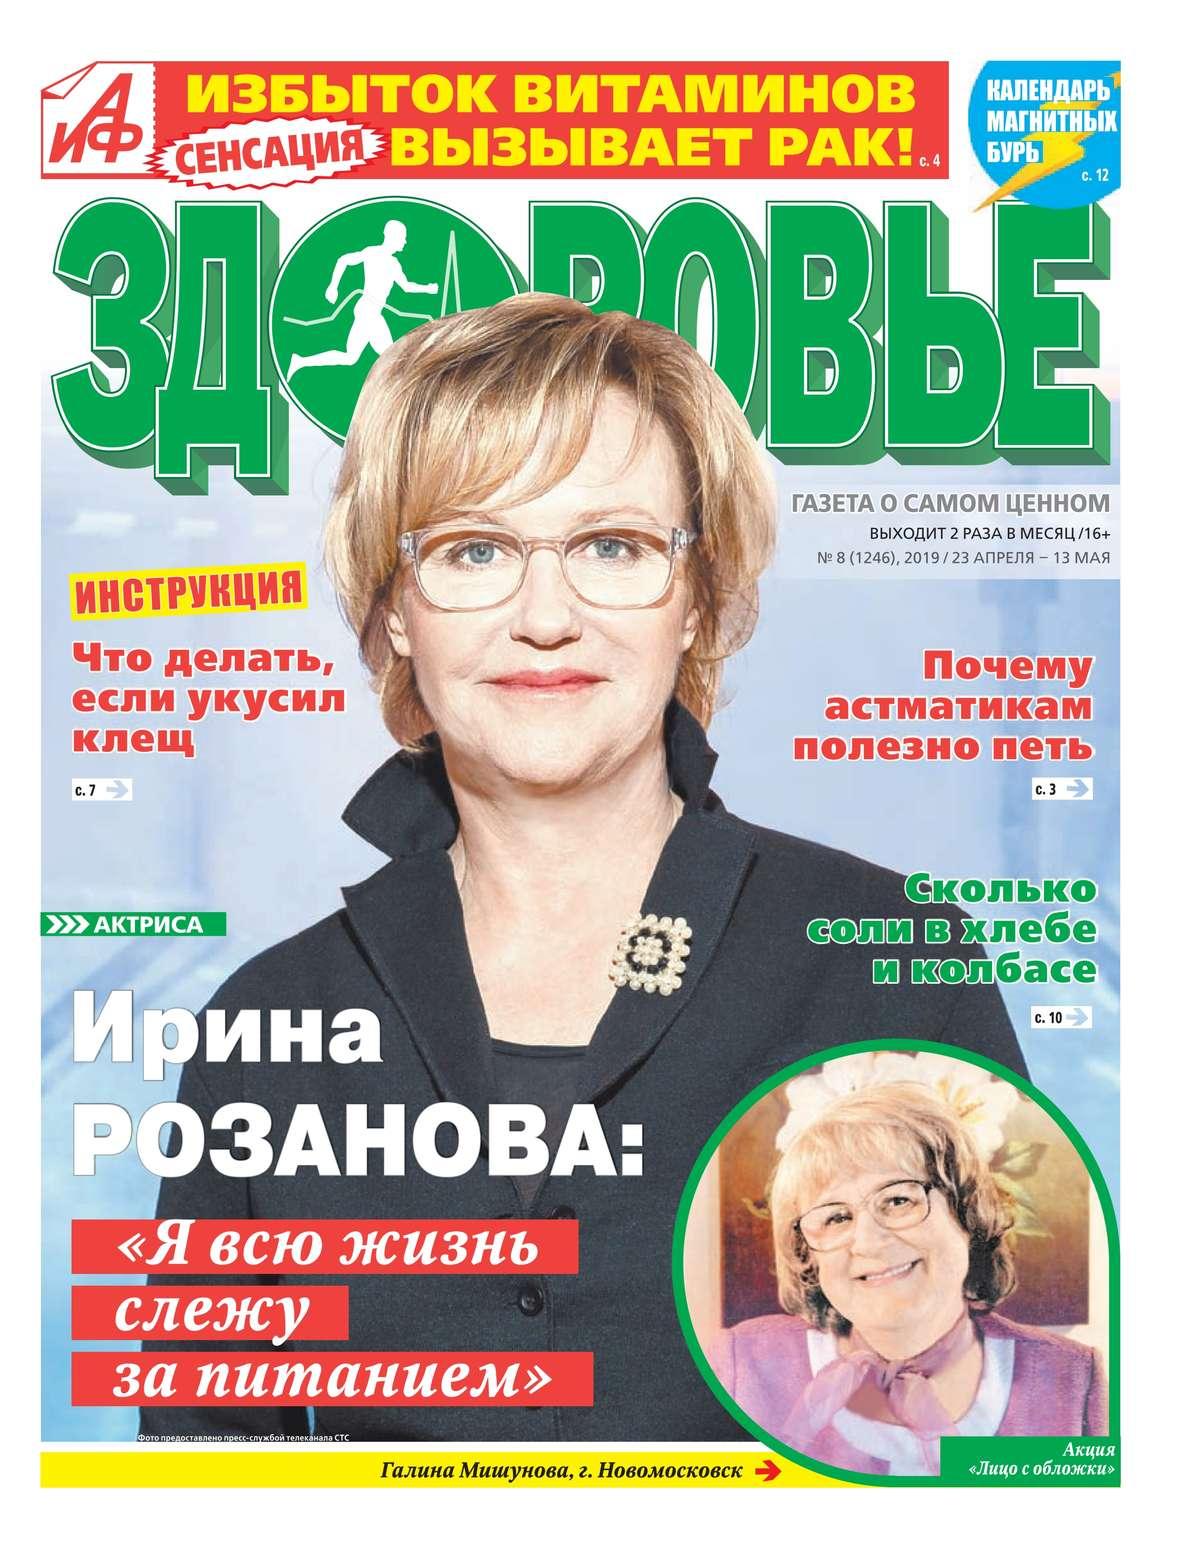 Редакция газеты Аиф. Здоровье Аиф. Здоровье 08-2019